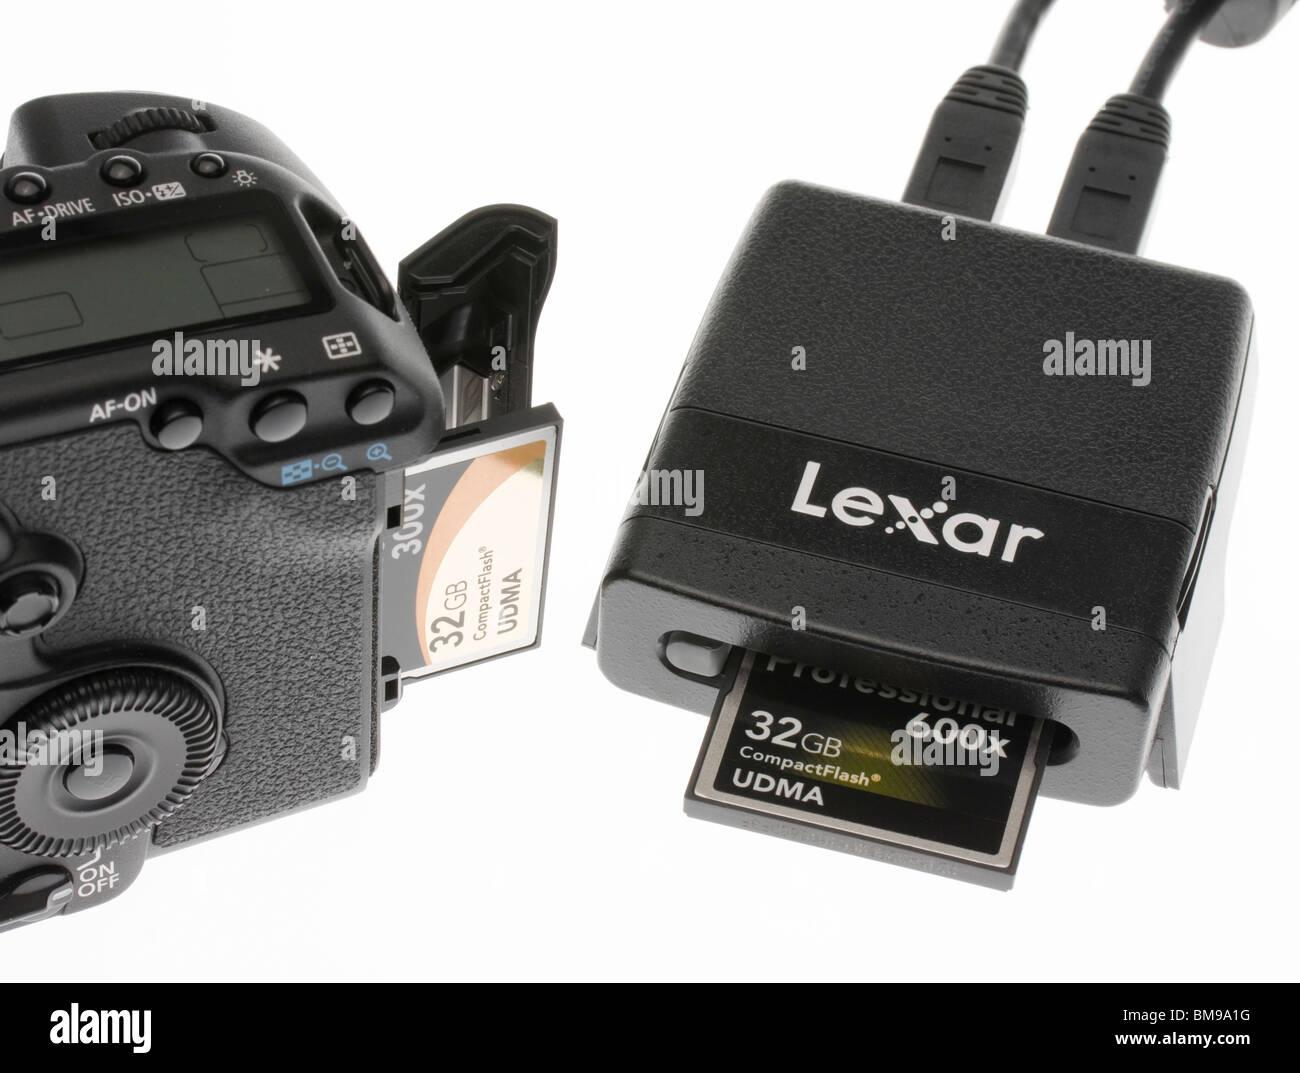 Firewire Stockfotos & Firewire Bilder - Alamy